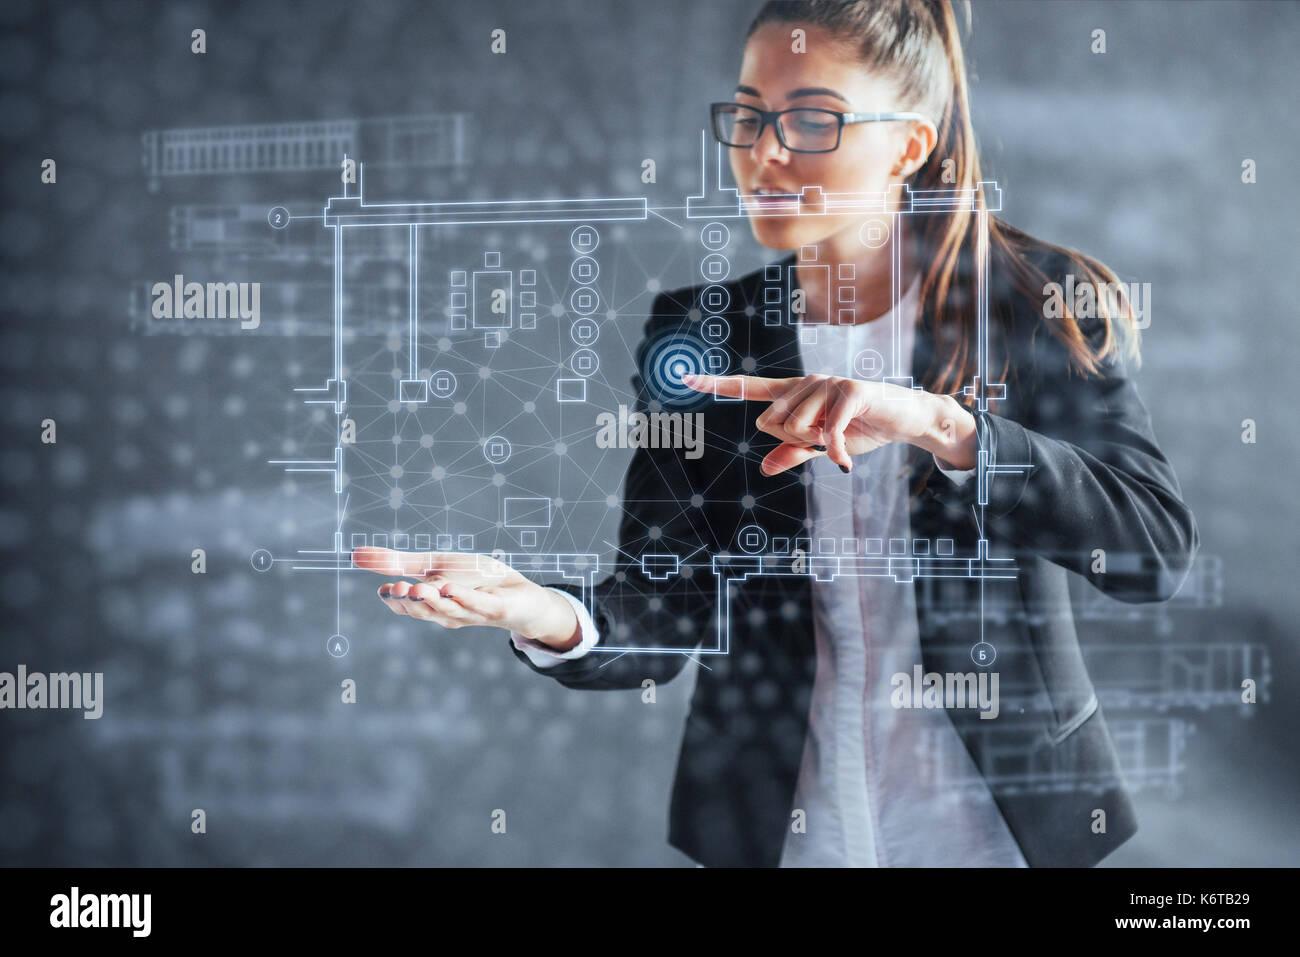 La persona a bordo di una dashboard finanziario degli indicatori chiave del mercato azionario performance e business intelligence. Immagini Stock